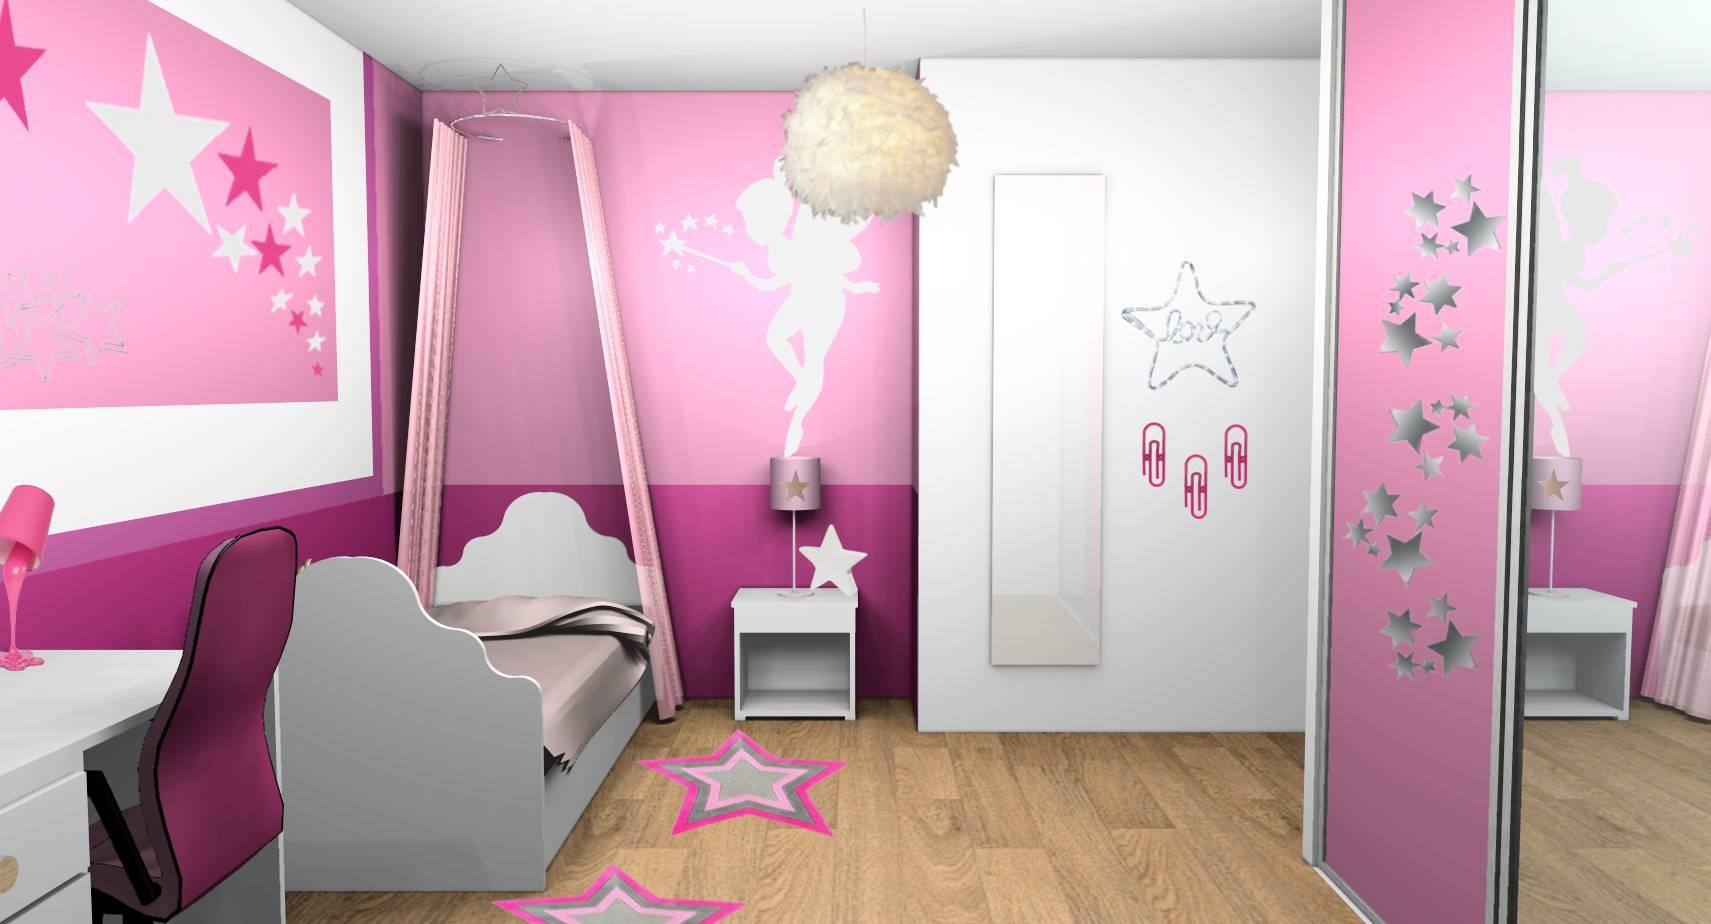 Décoration D Intérieur Peinture Murale décoration d'intérieur d'une chambre de petite fille à vaux